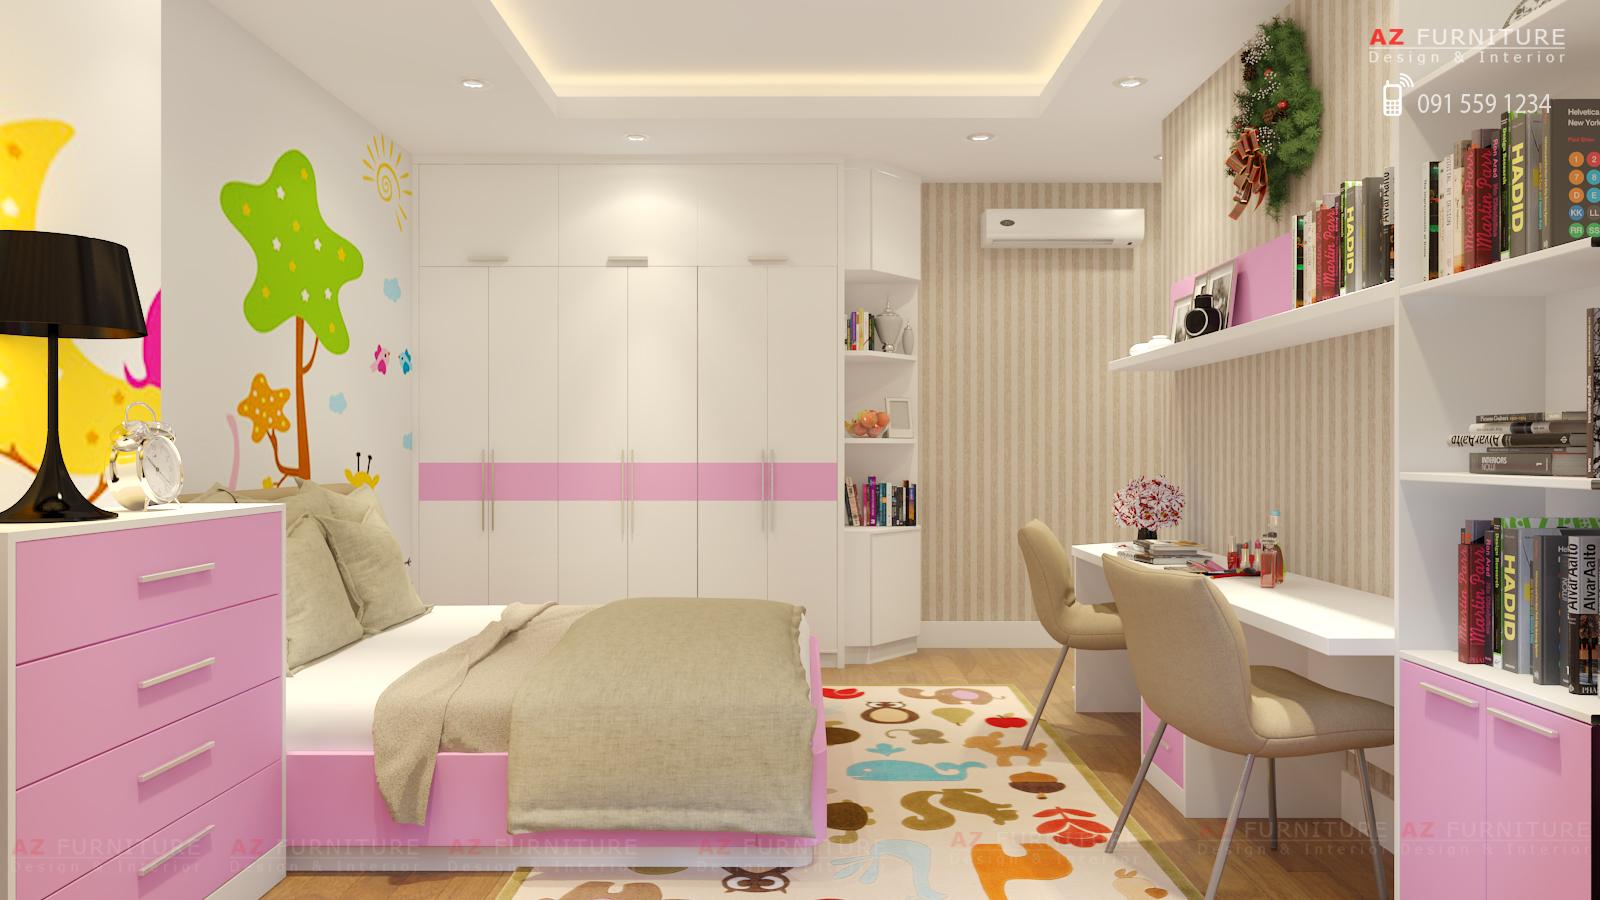 Tư vấn thiết kế nội thất chung cư hiện đại - Hottline: 091 559 1234